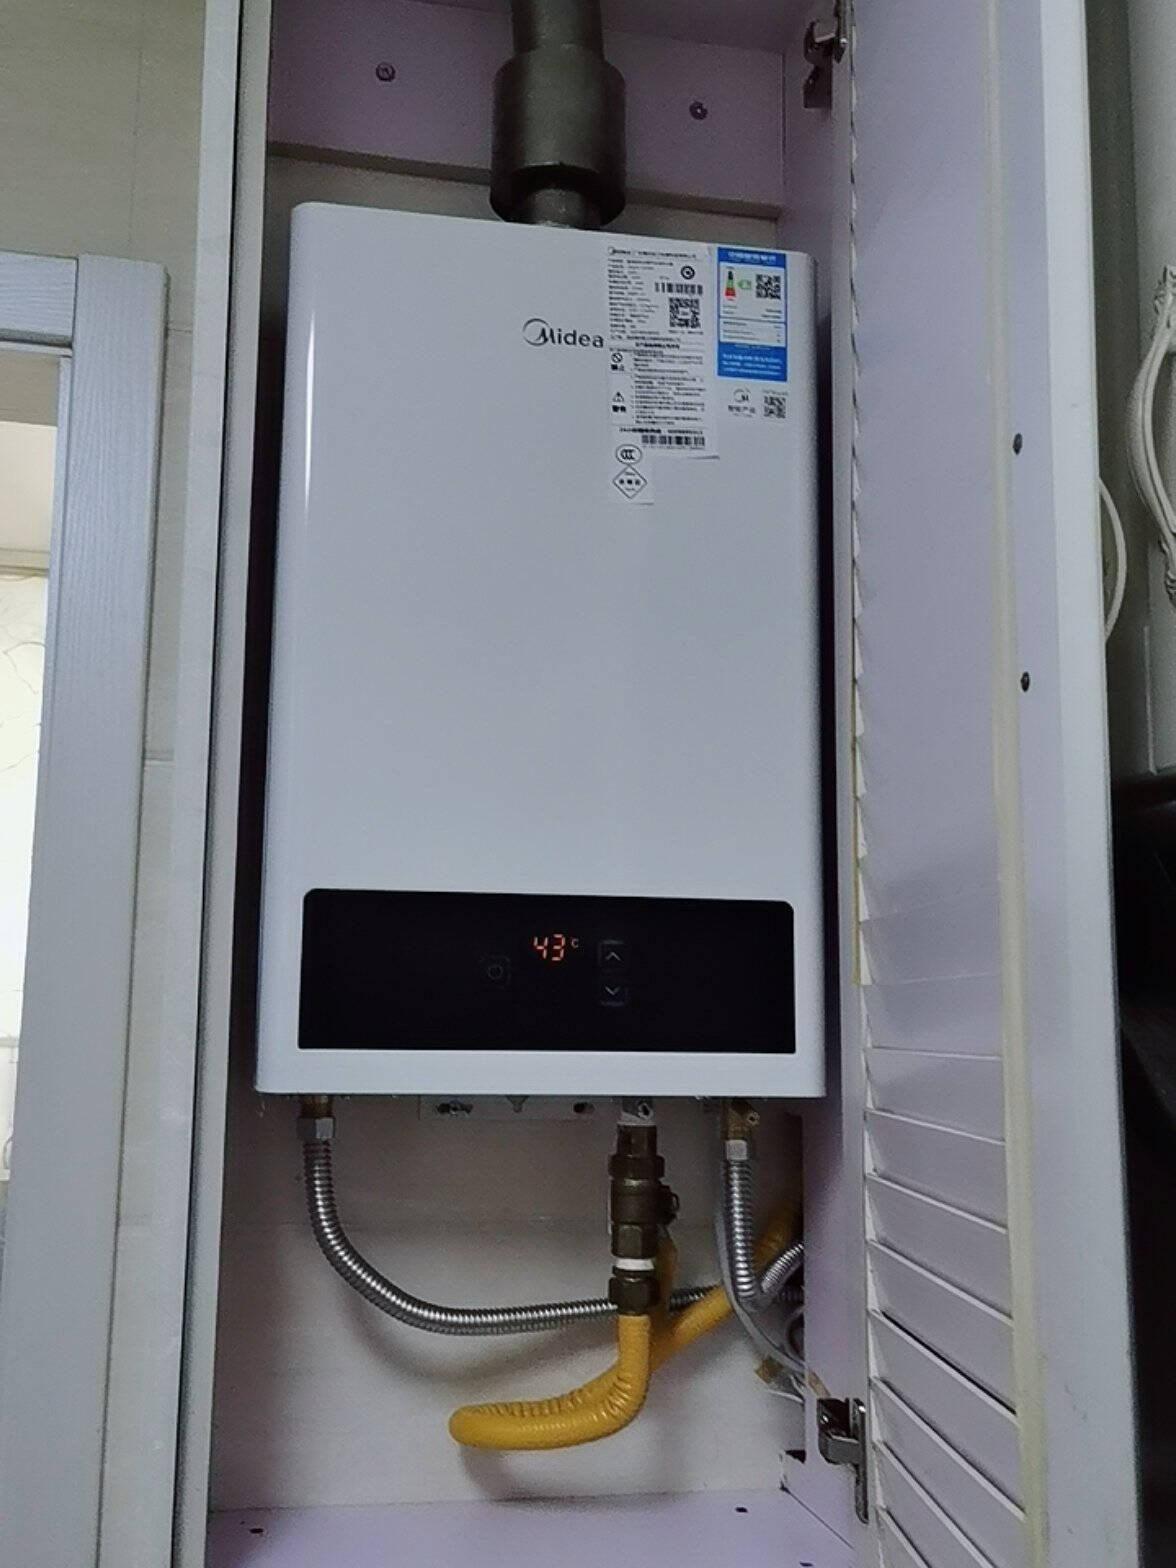 【美的销量NO.1】美的燃气热水器电天然气家用即热式水气双调节恒温智能家电HWF系列上门安装12升一厨一卫HWA同款管道天然气